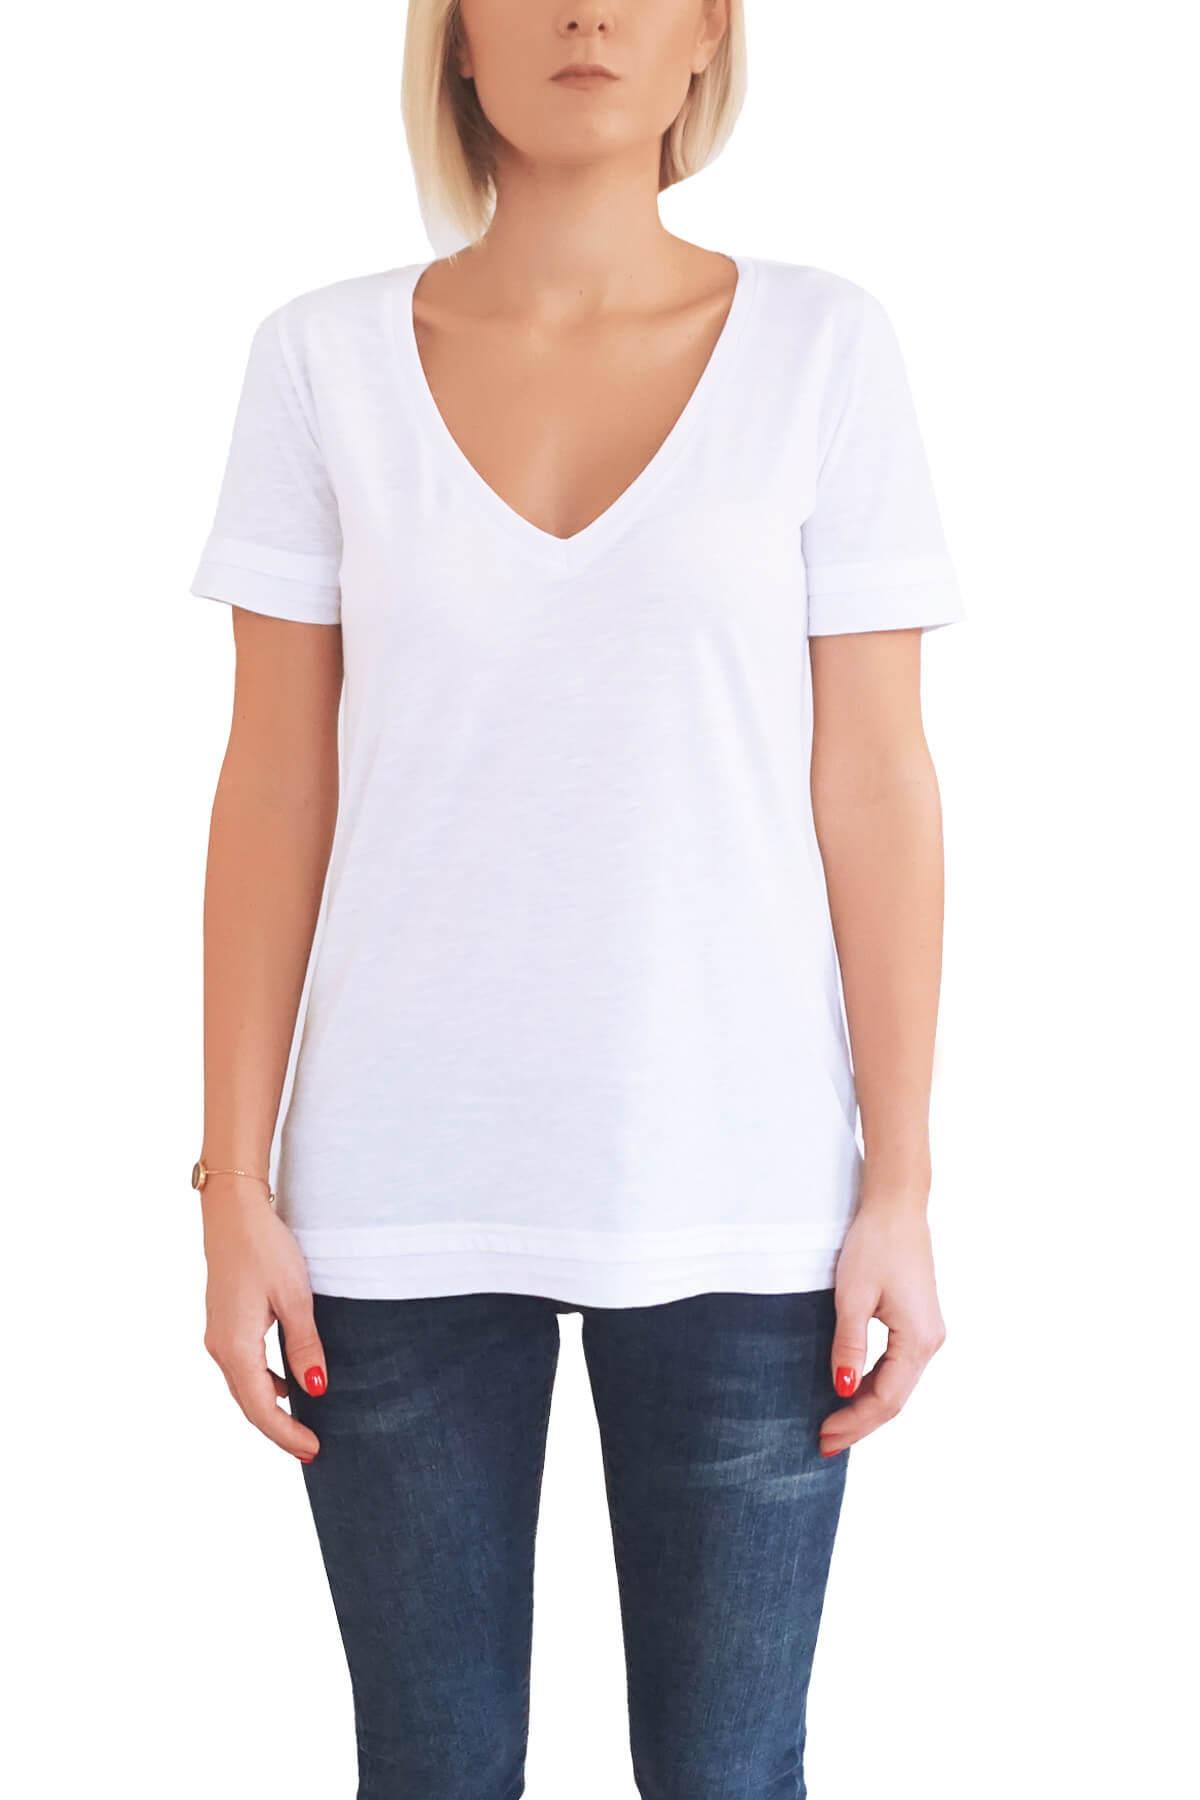 MOF Kadın Beyaz T-Shirt DVYT-B 1